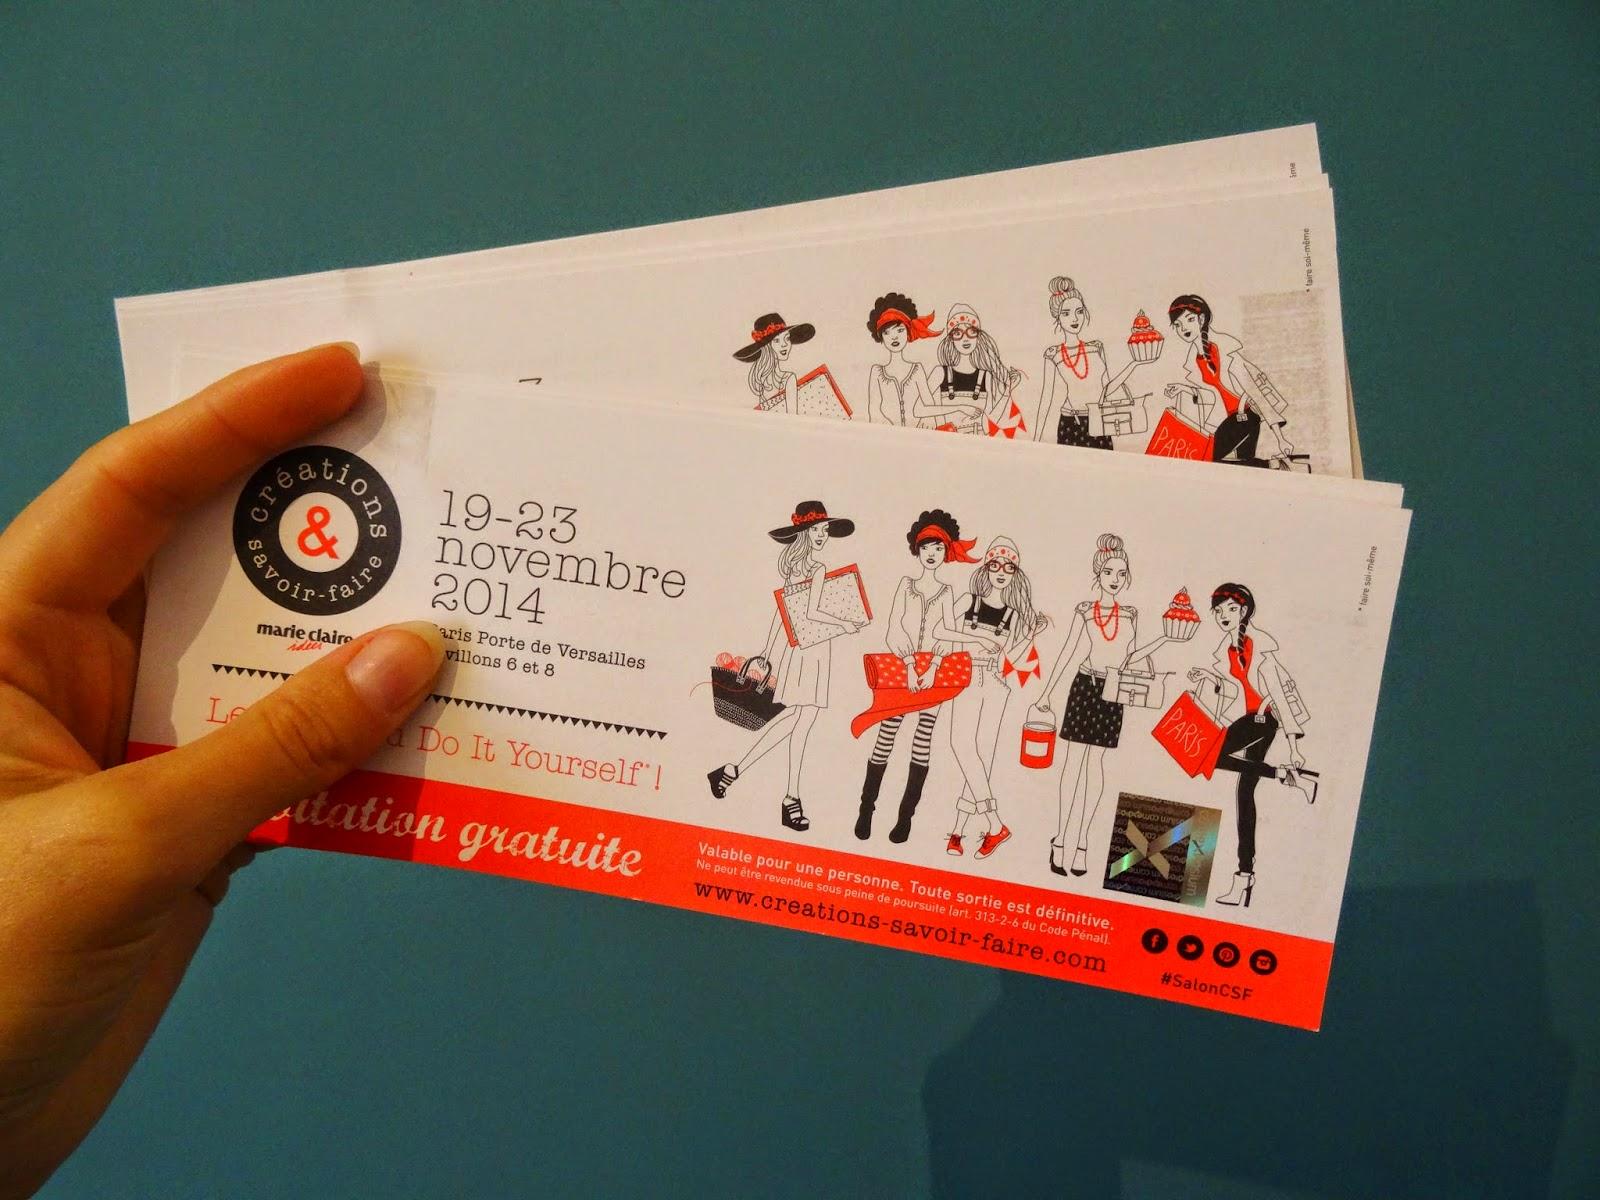 Rose minuscule invitations pour le salon cr ations et - Salon creation et savoir faire invitation ...